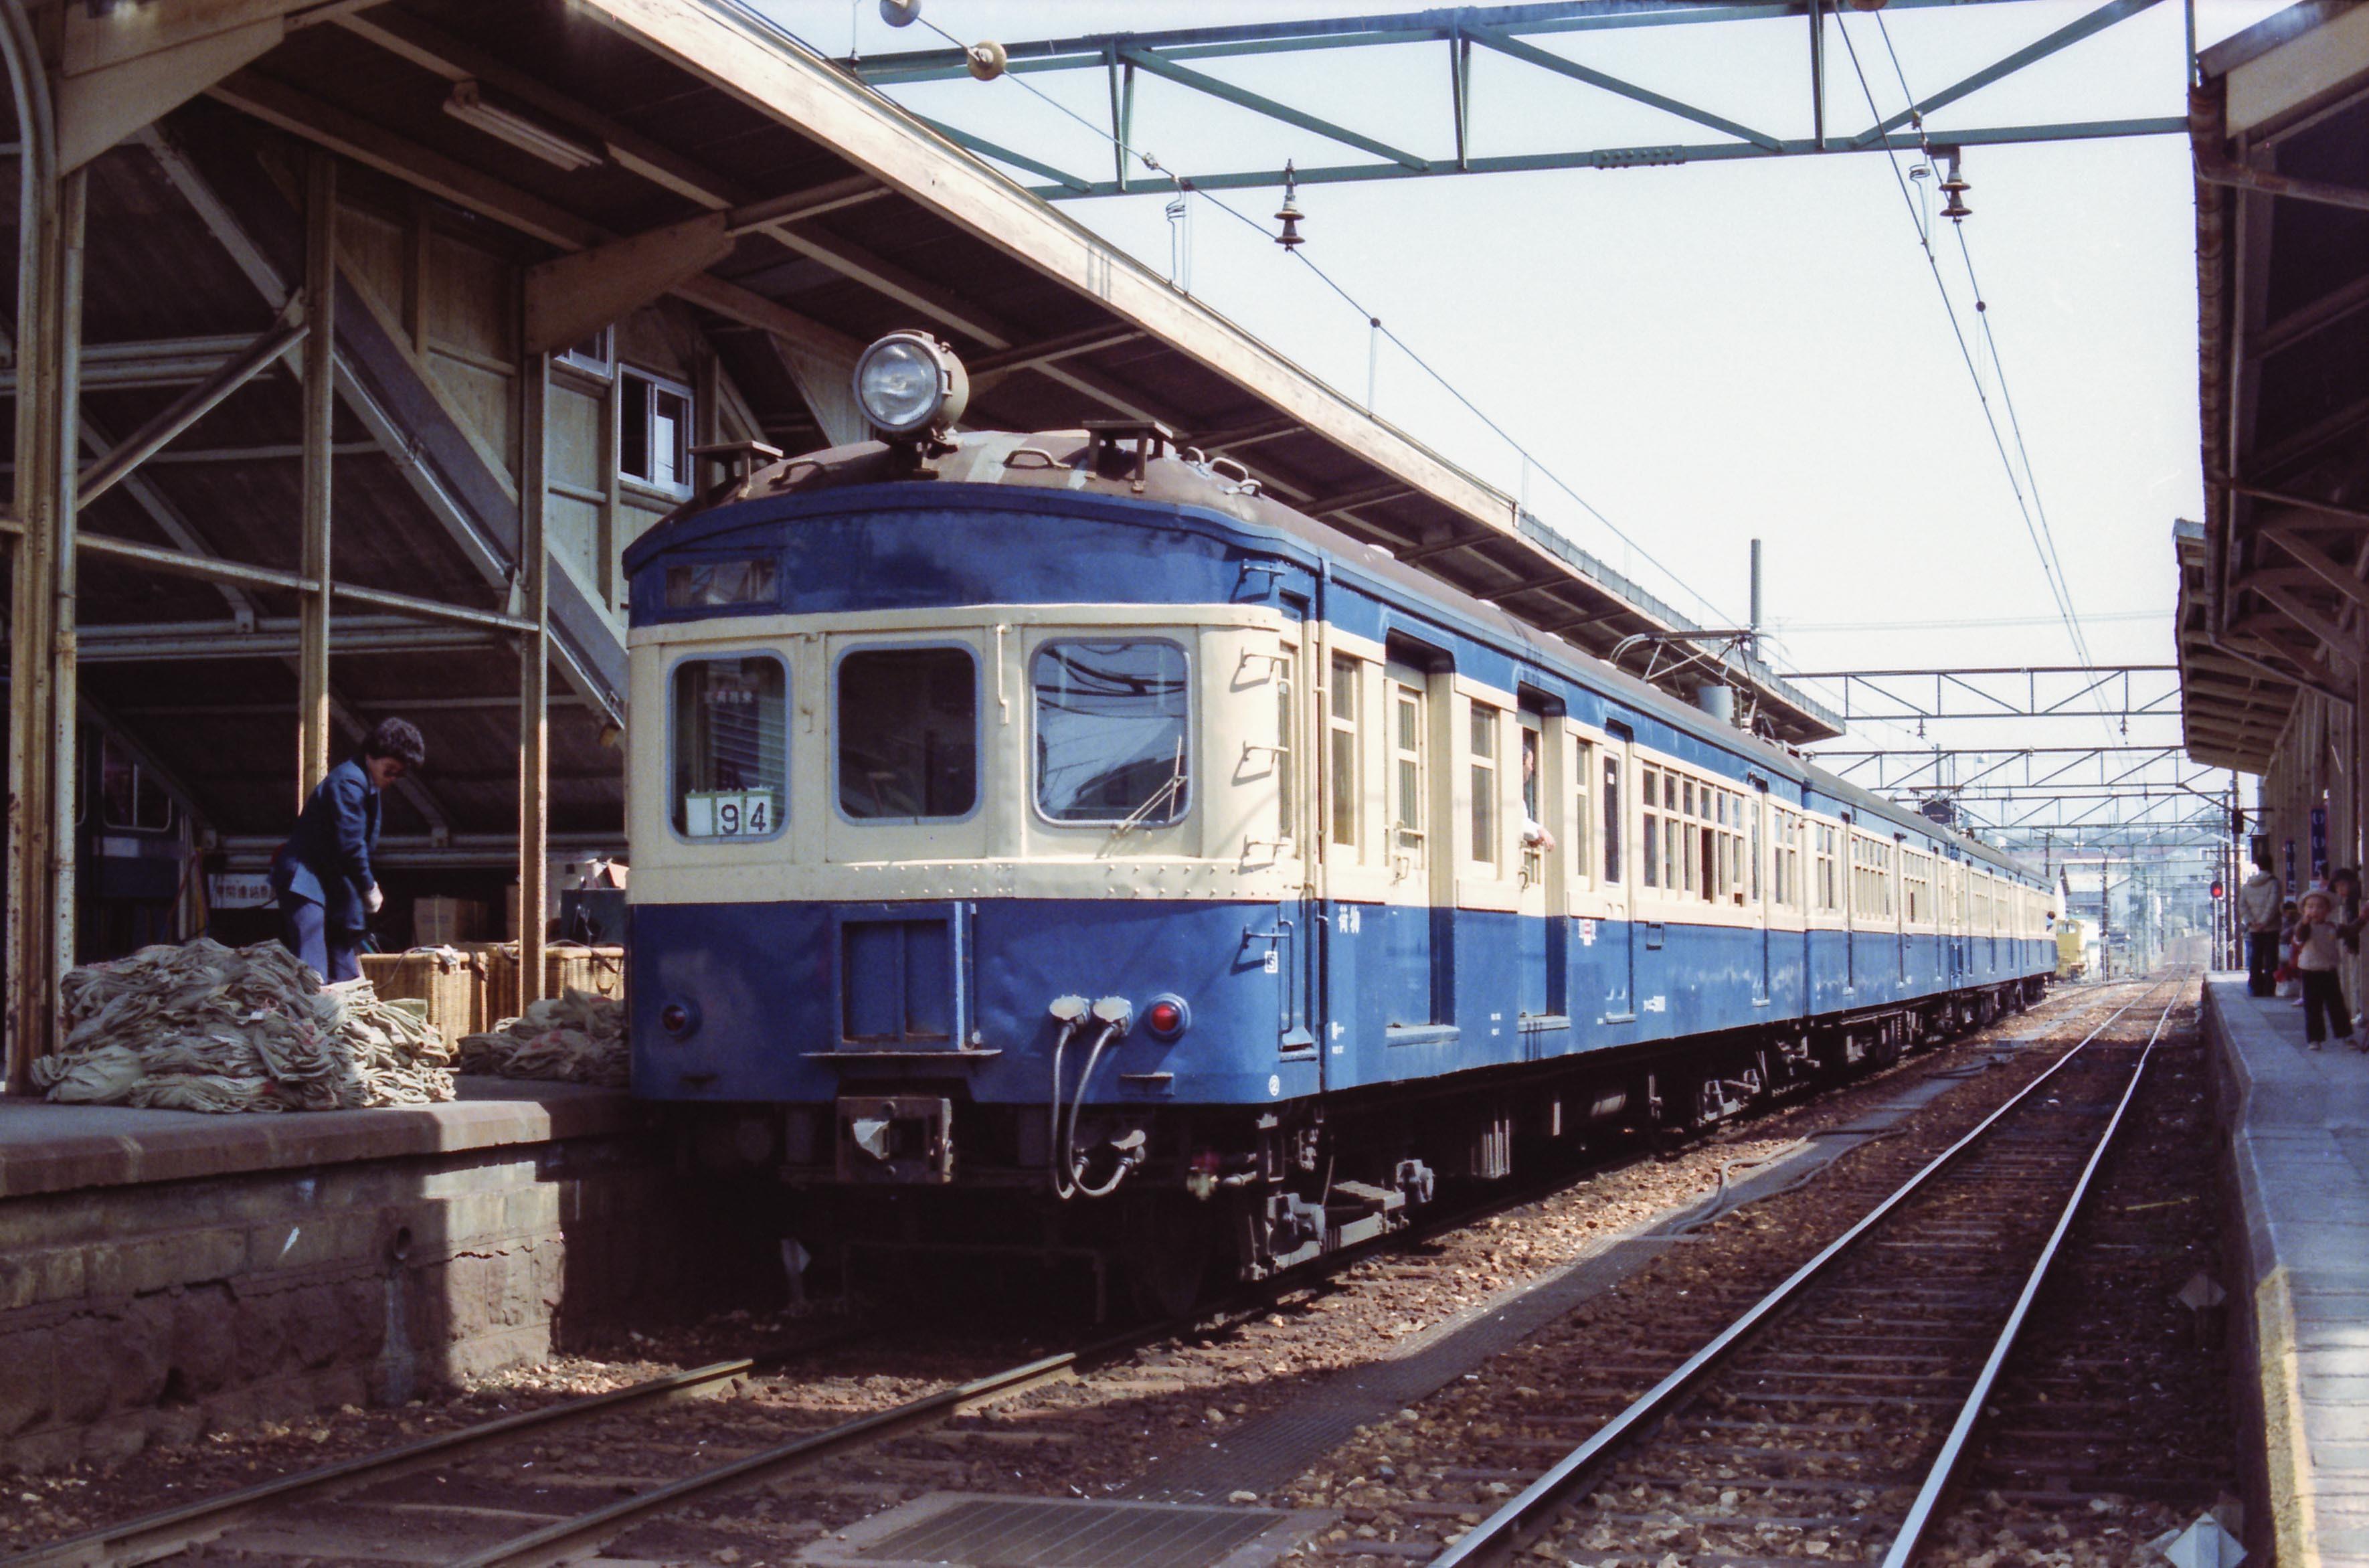 198304b_0096.jpg